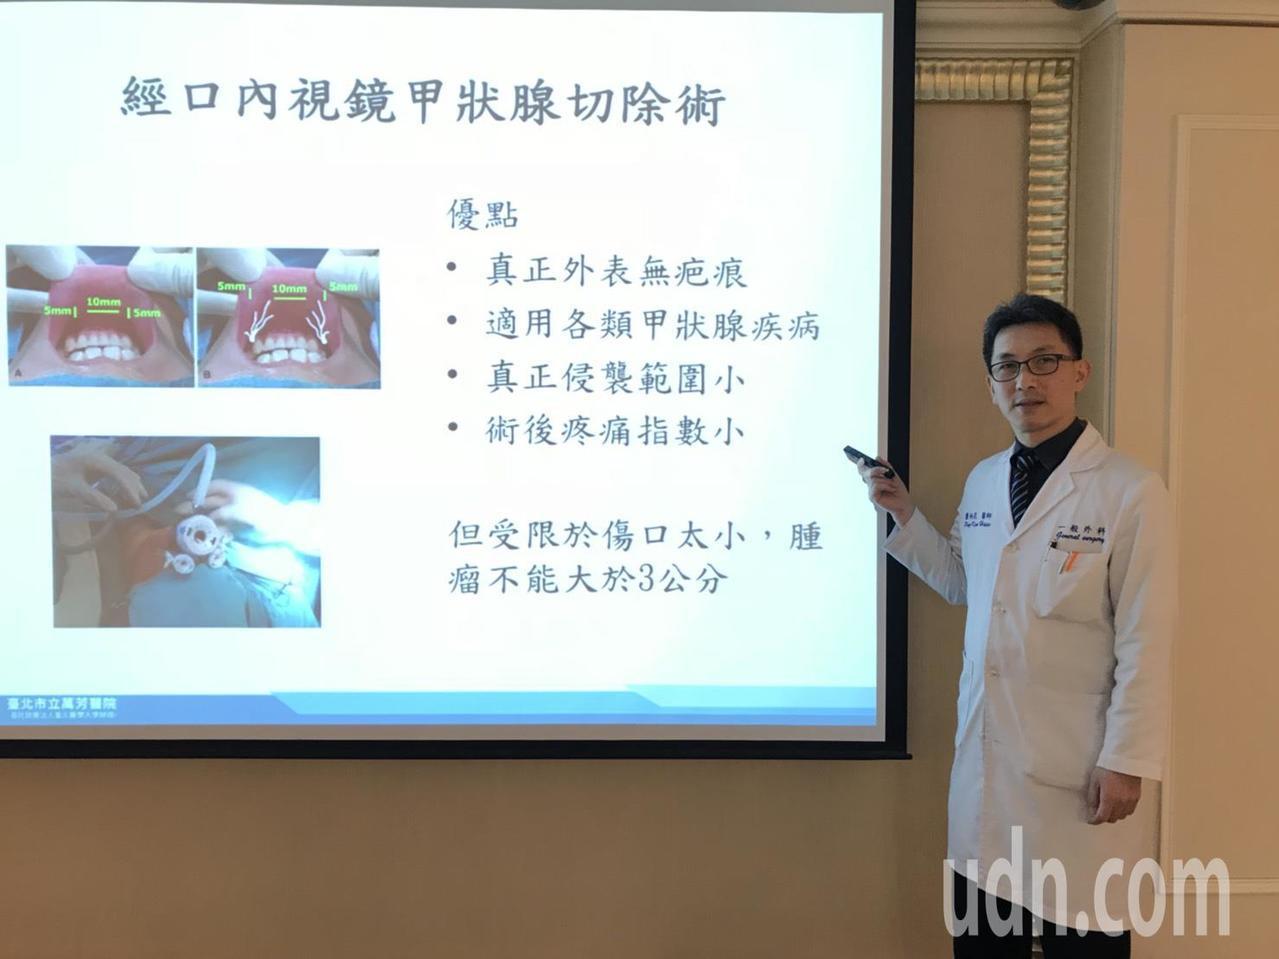 萬芳醫院外科主治醫師蕭炳昆表示,「經口腔前庭內視鏡甲狀腺手術」,為在患者下嘴唇與...